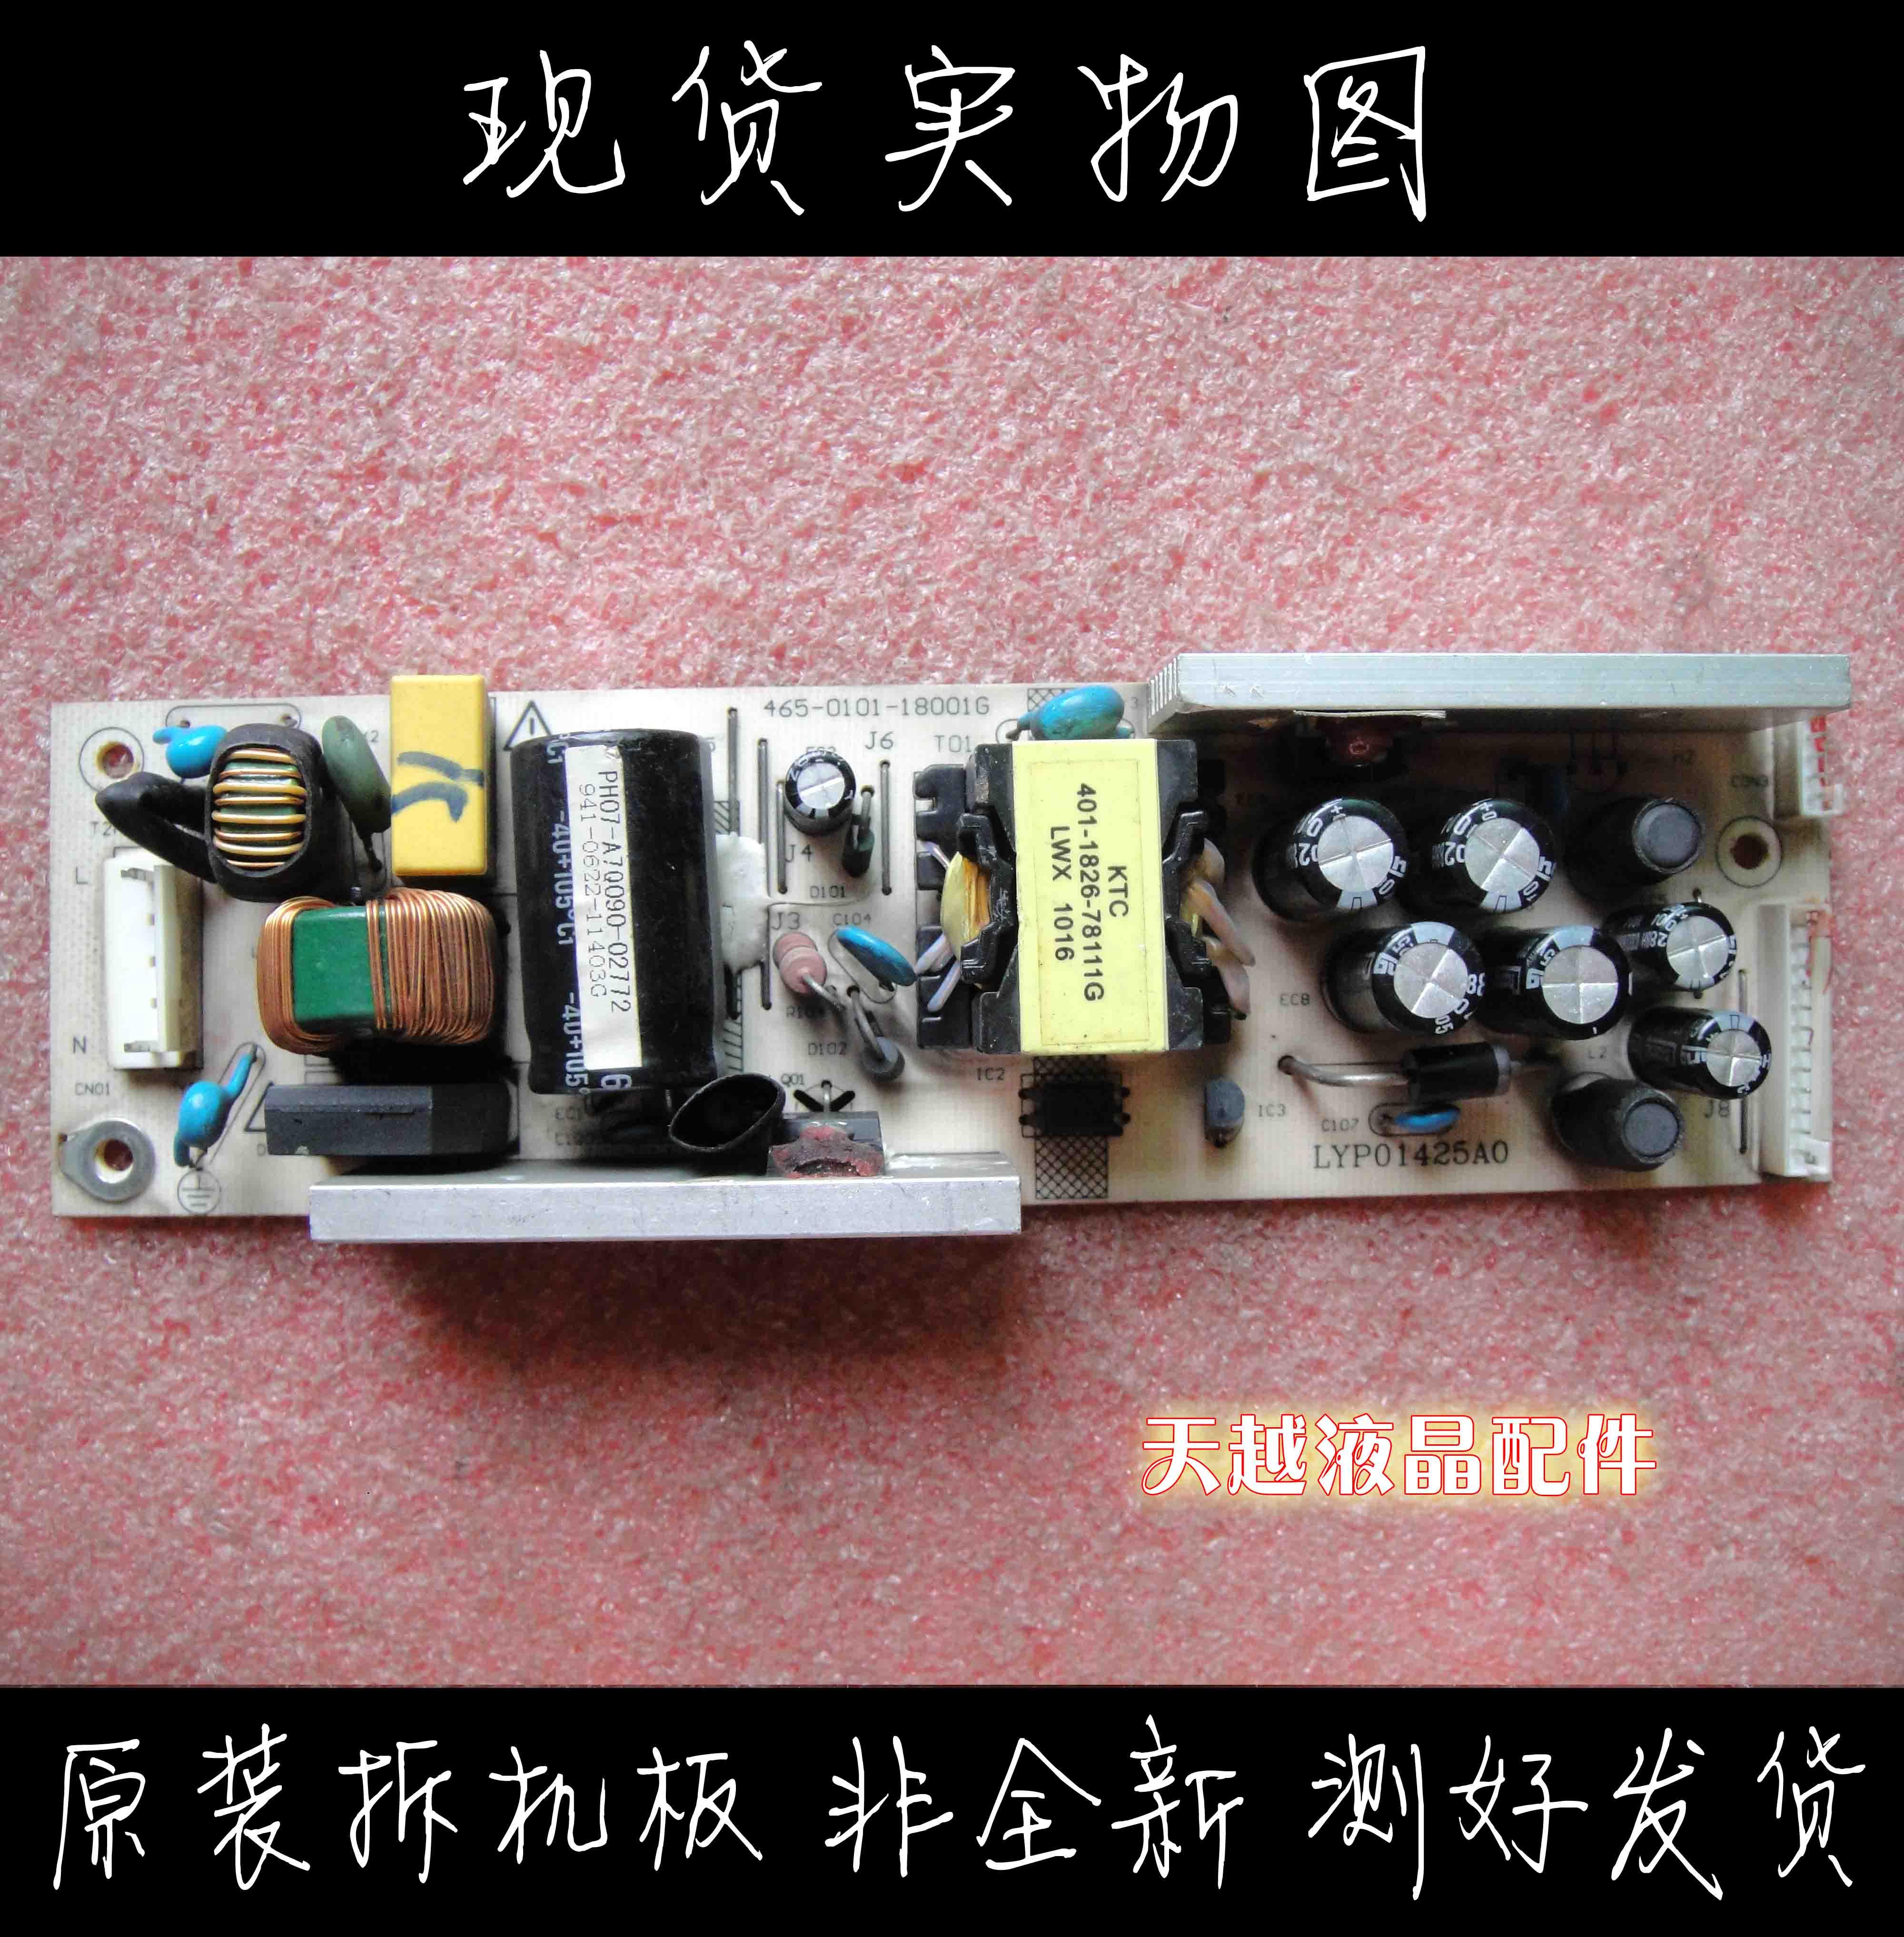 L24E09 original power supply board 465-0101-18001G pressure plate LYP01425A0 non Replacement